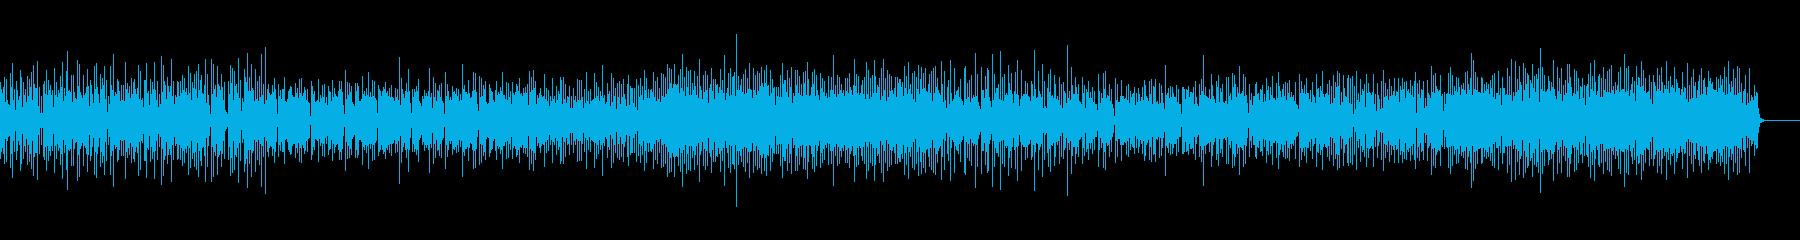 クリーンなエレキギターでゆったりPOPSの再生済みの波形